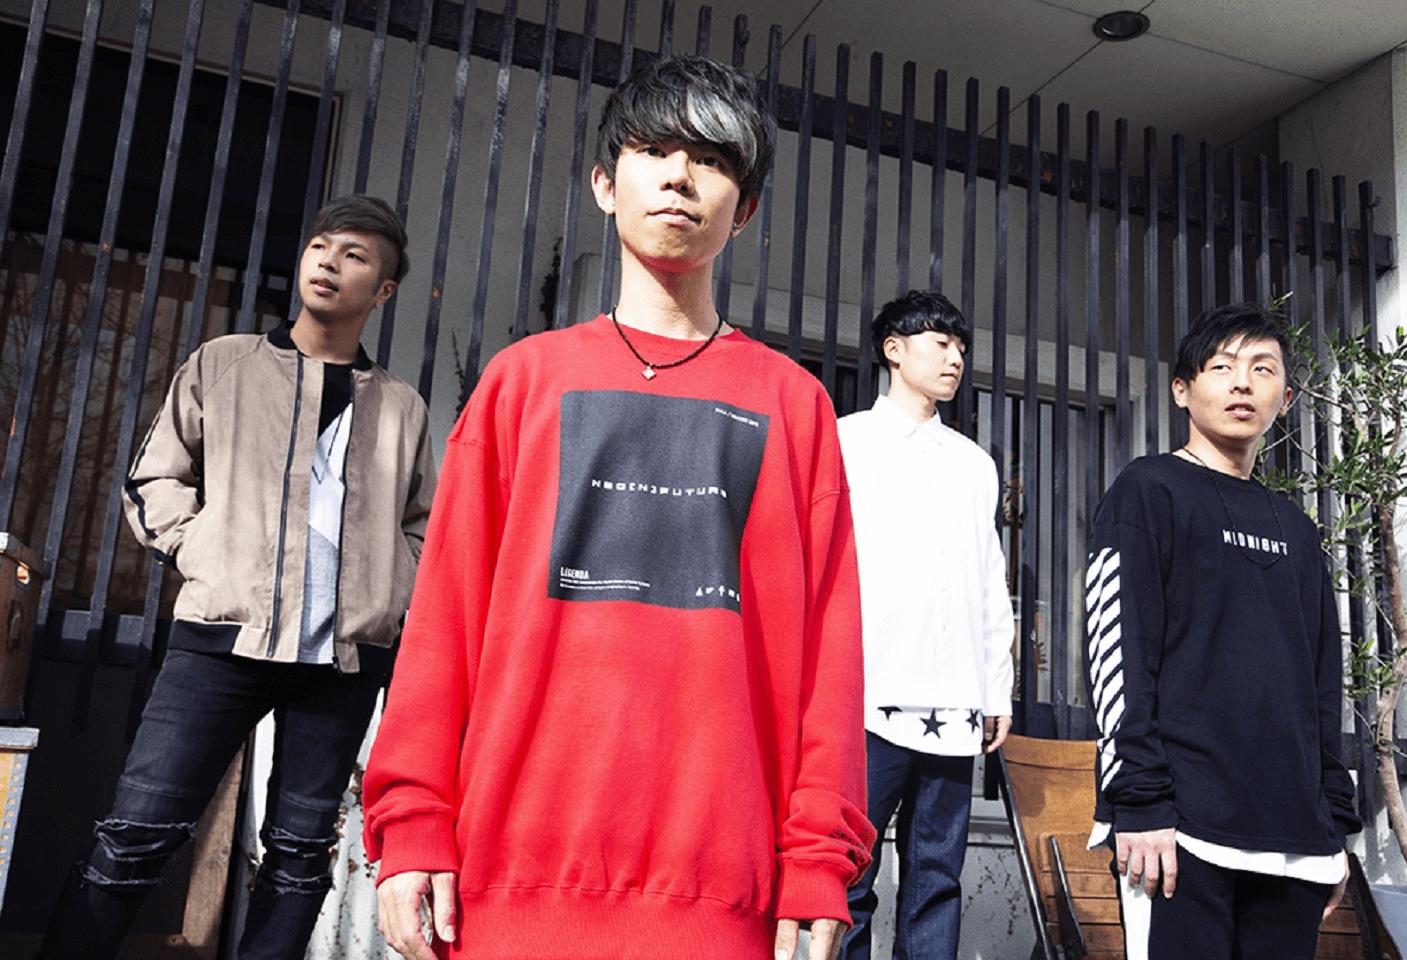 AIRFLIP、レコ発ツアーファイナルシリーズゲストバンド追加発表サムネイル画像!